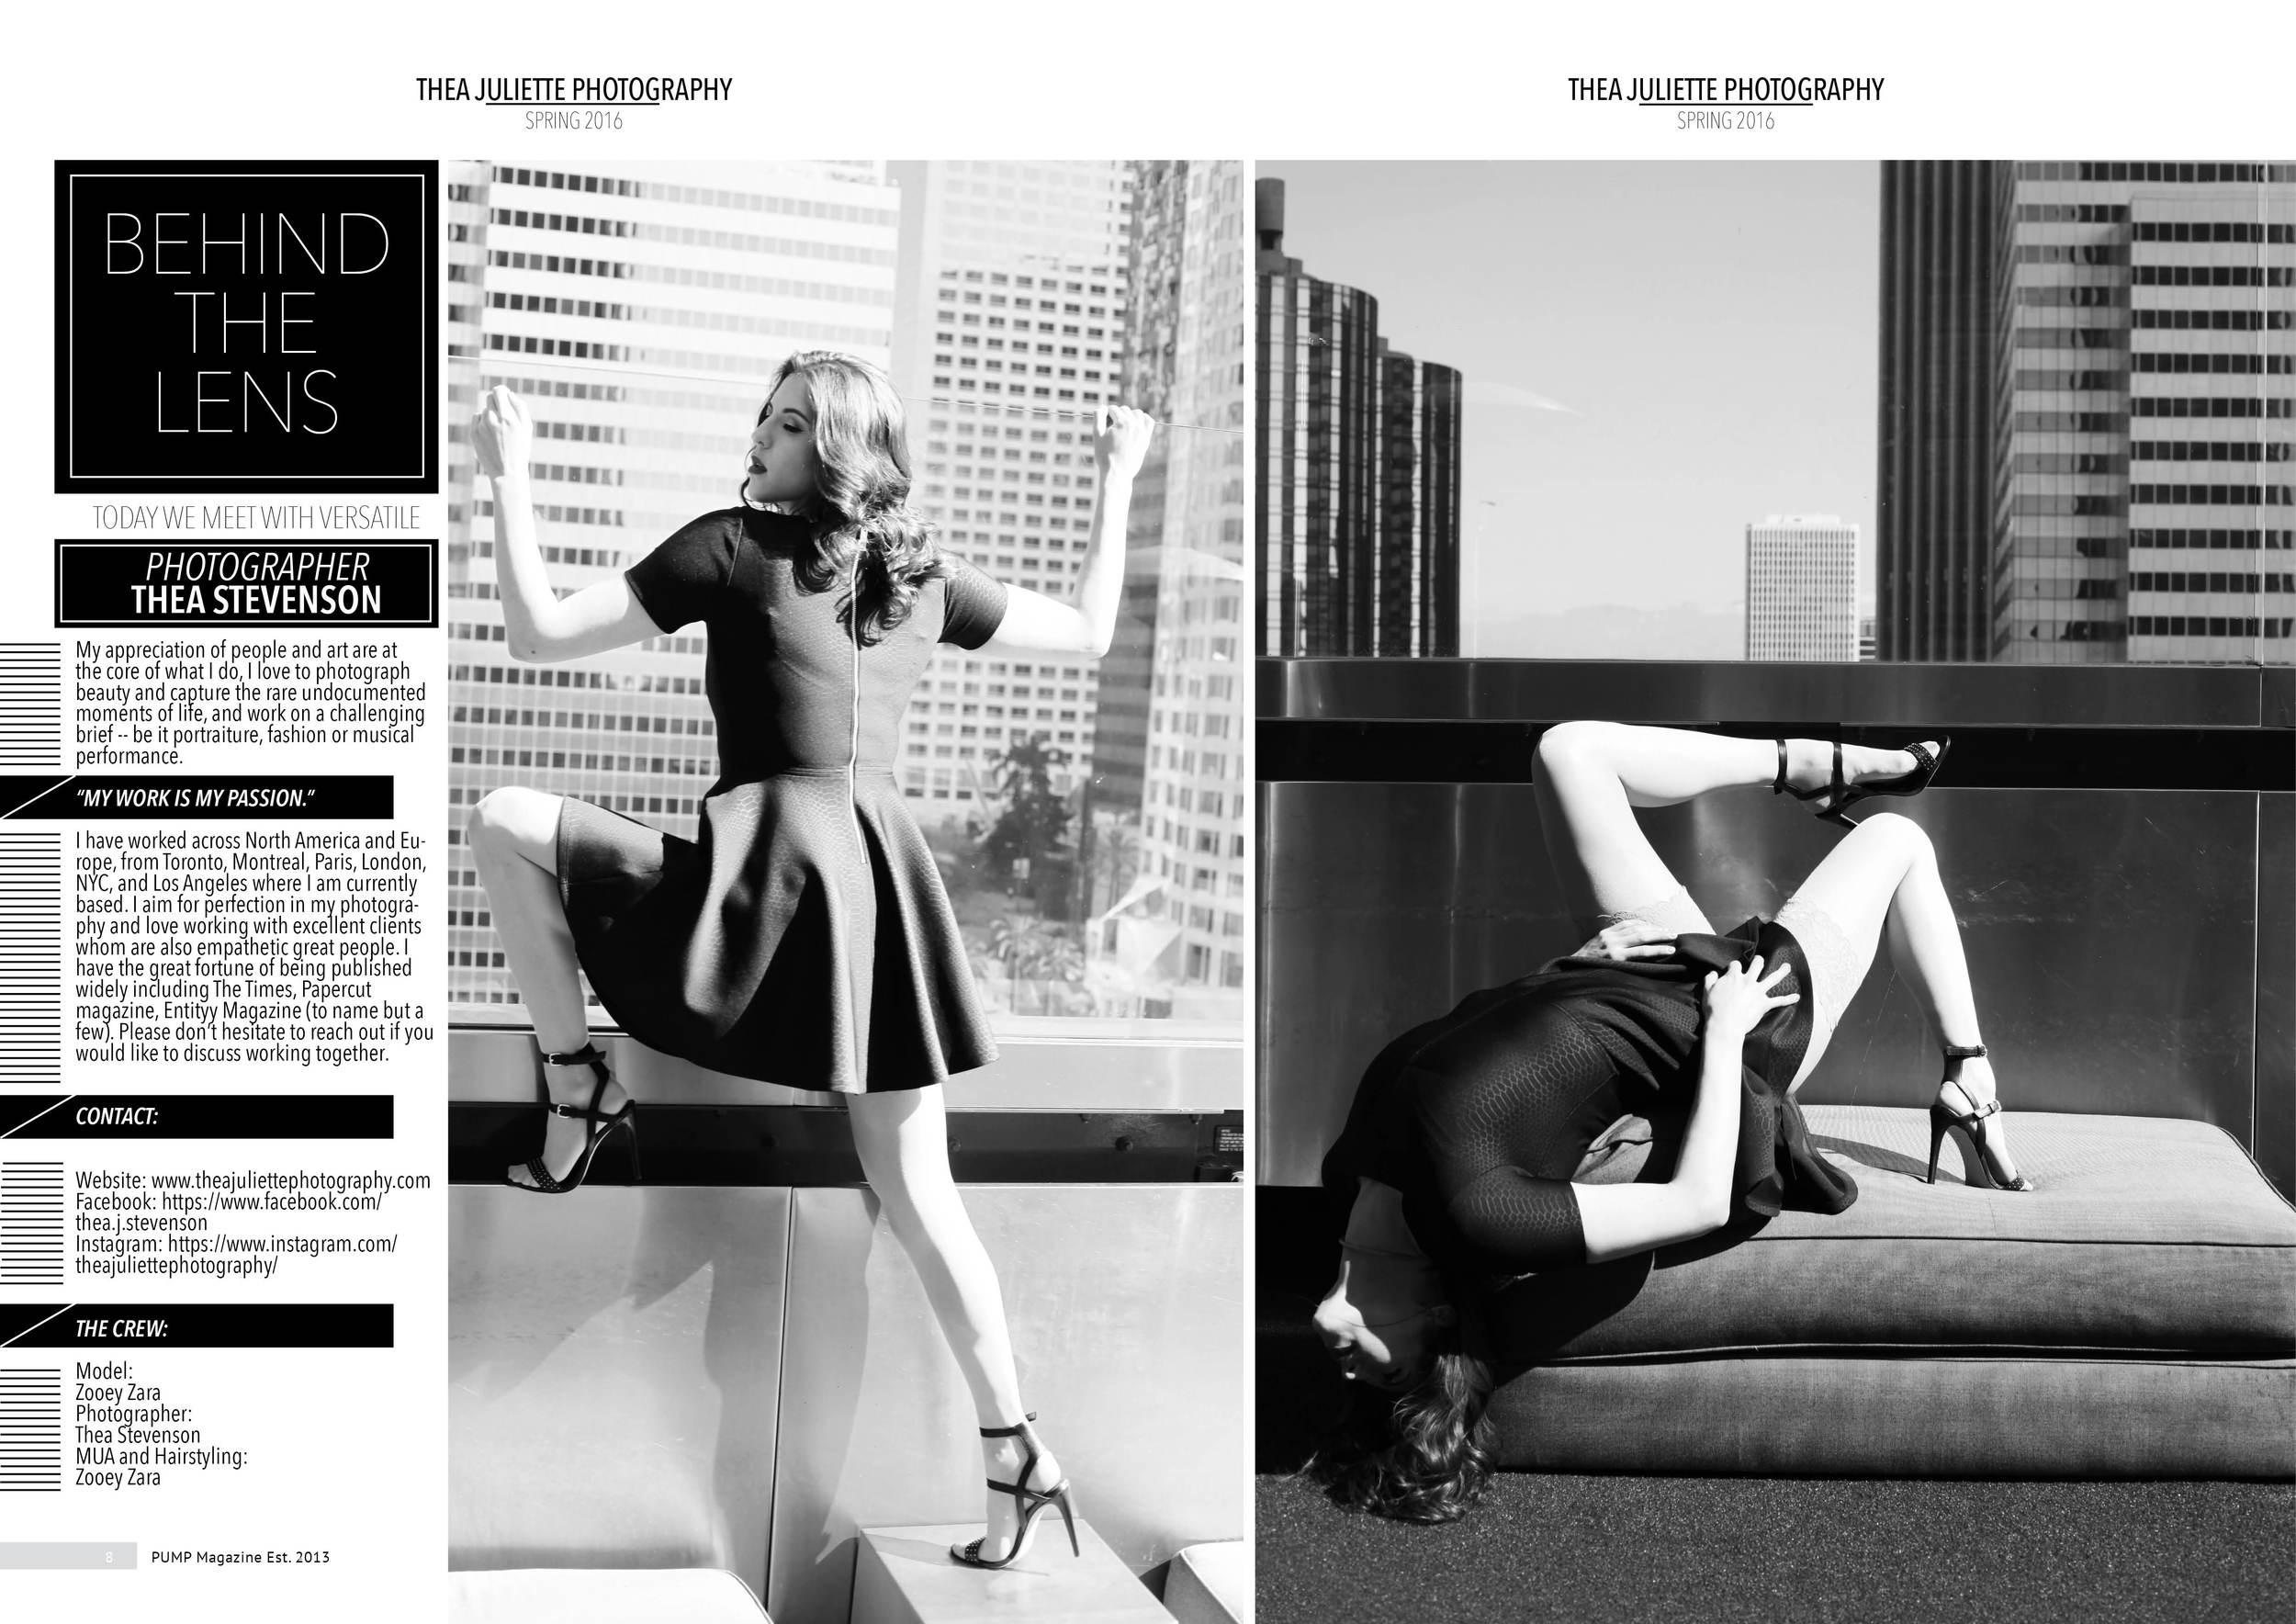 PUMP Magazine Issue 66